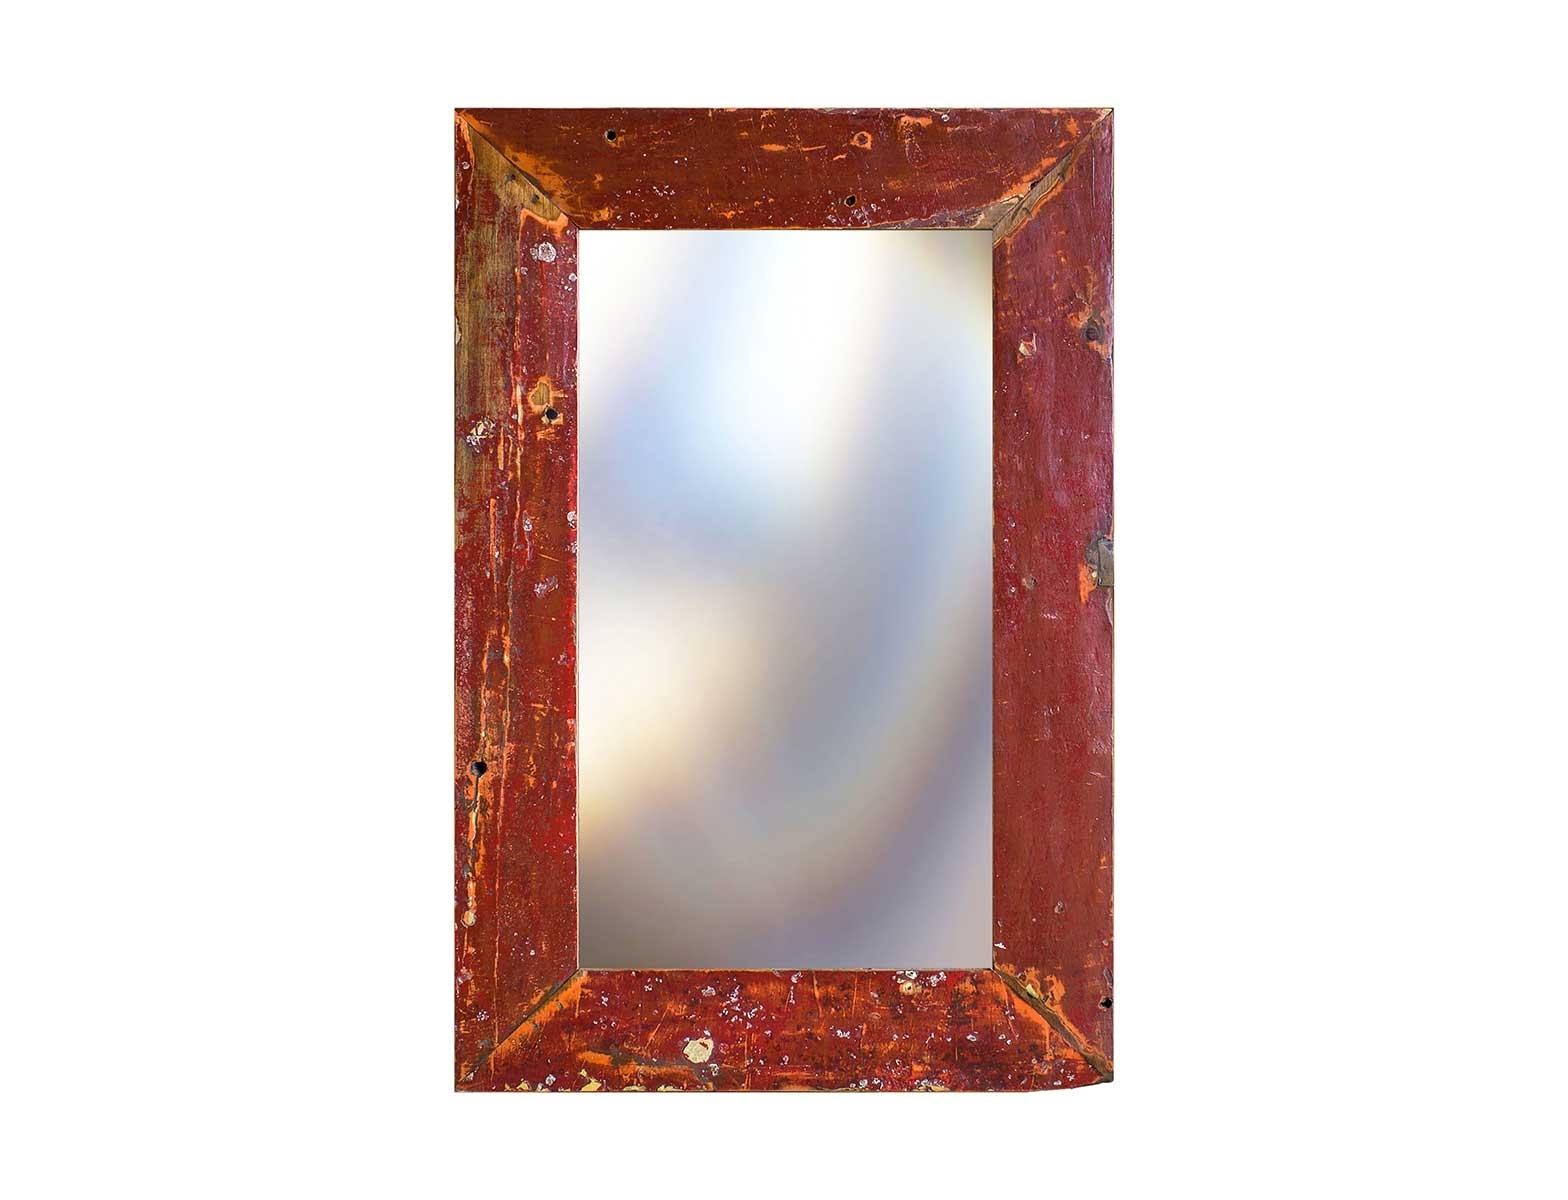 Зеркало Свет мой зеркальцеНастенные зеркала<br>Зеркало выполнено из фрагментов настоящего рыболовецкого судна, возраст которого 20-40 лет. Окрас сохранён оригинальный.<br><br>Material: Тик<br>Width см: 80<br>Depth см: 4<br>Height см: 120